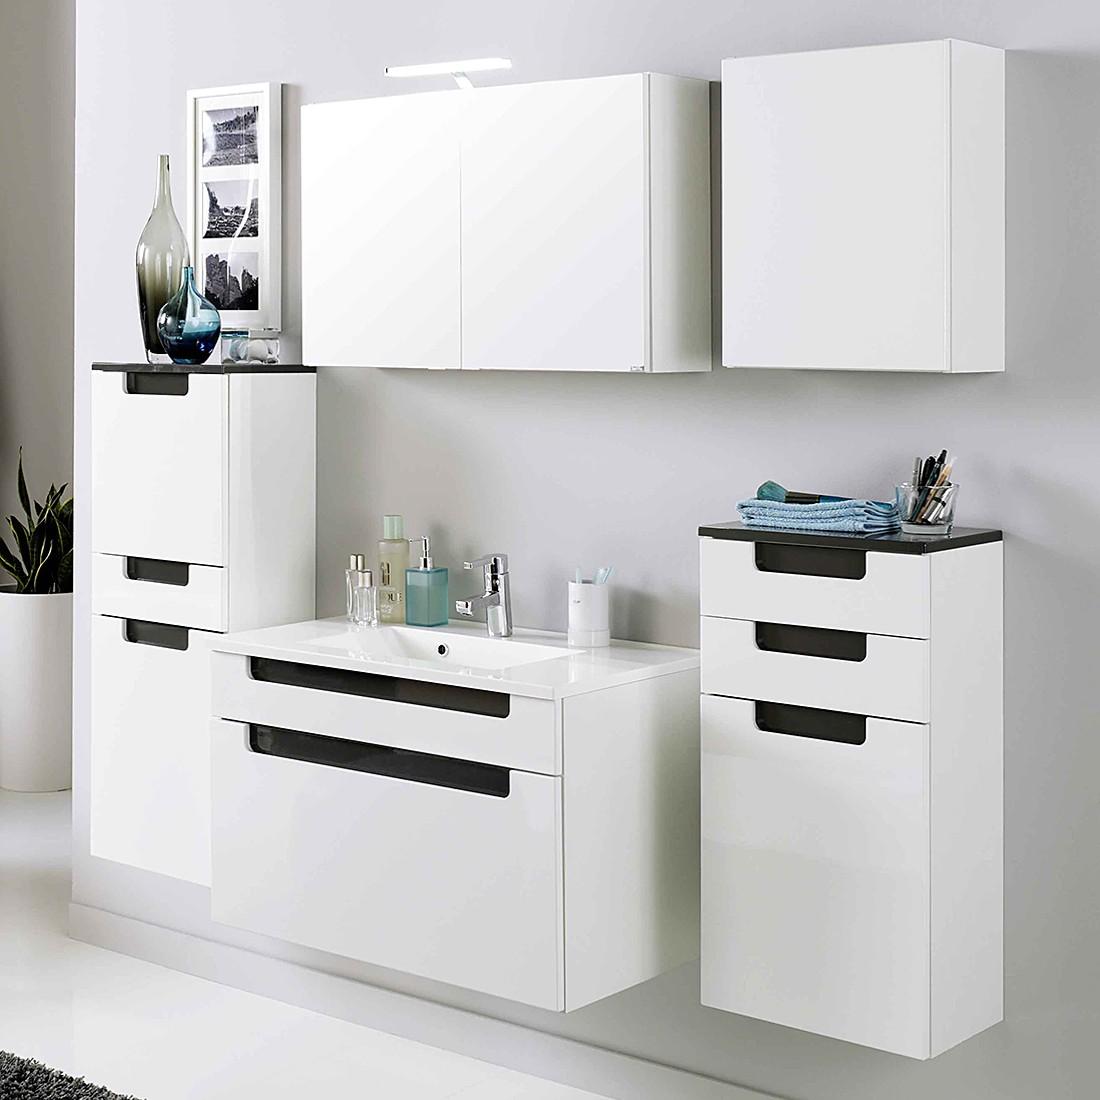 Set di armadietti per il bagno Laris I (3 pezzi) - Bianco lucido/Antracite lucida, Giessbach